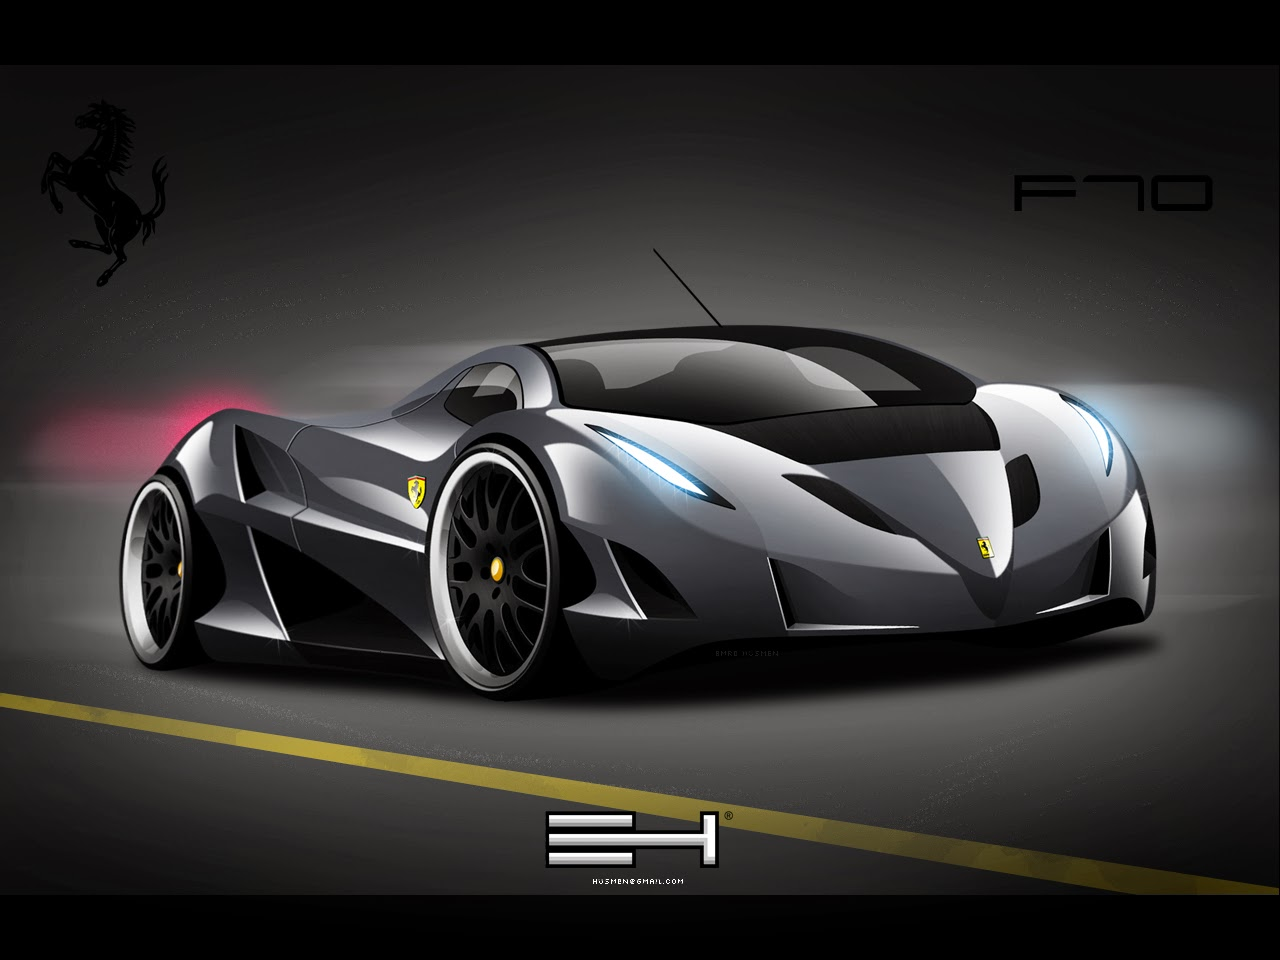 Imagenes De Coches Hd: Fondo De Pantalla Coche Ferrari F70